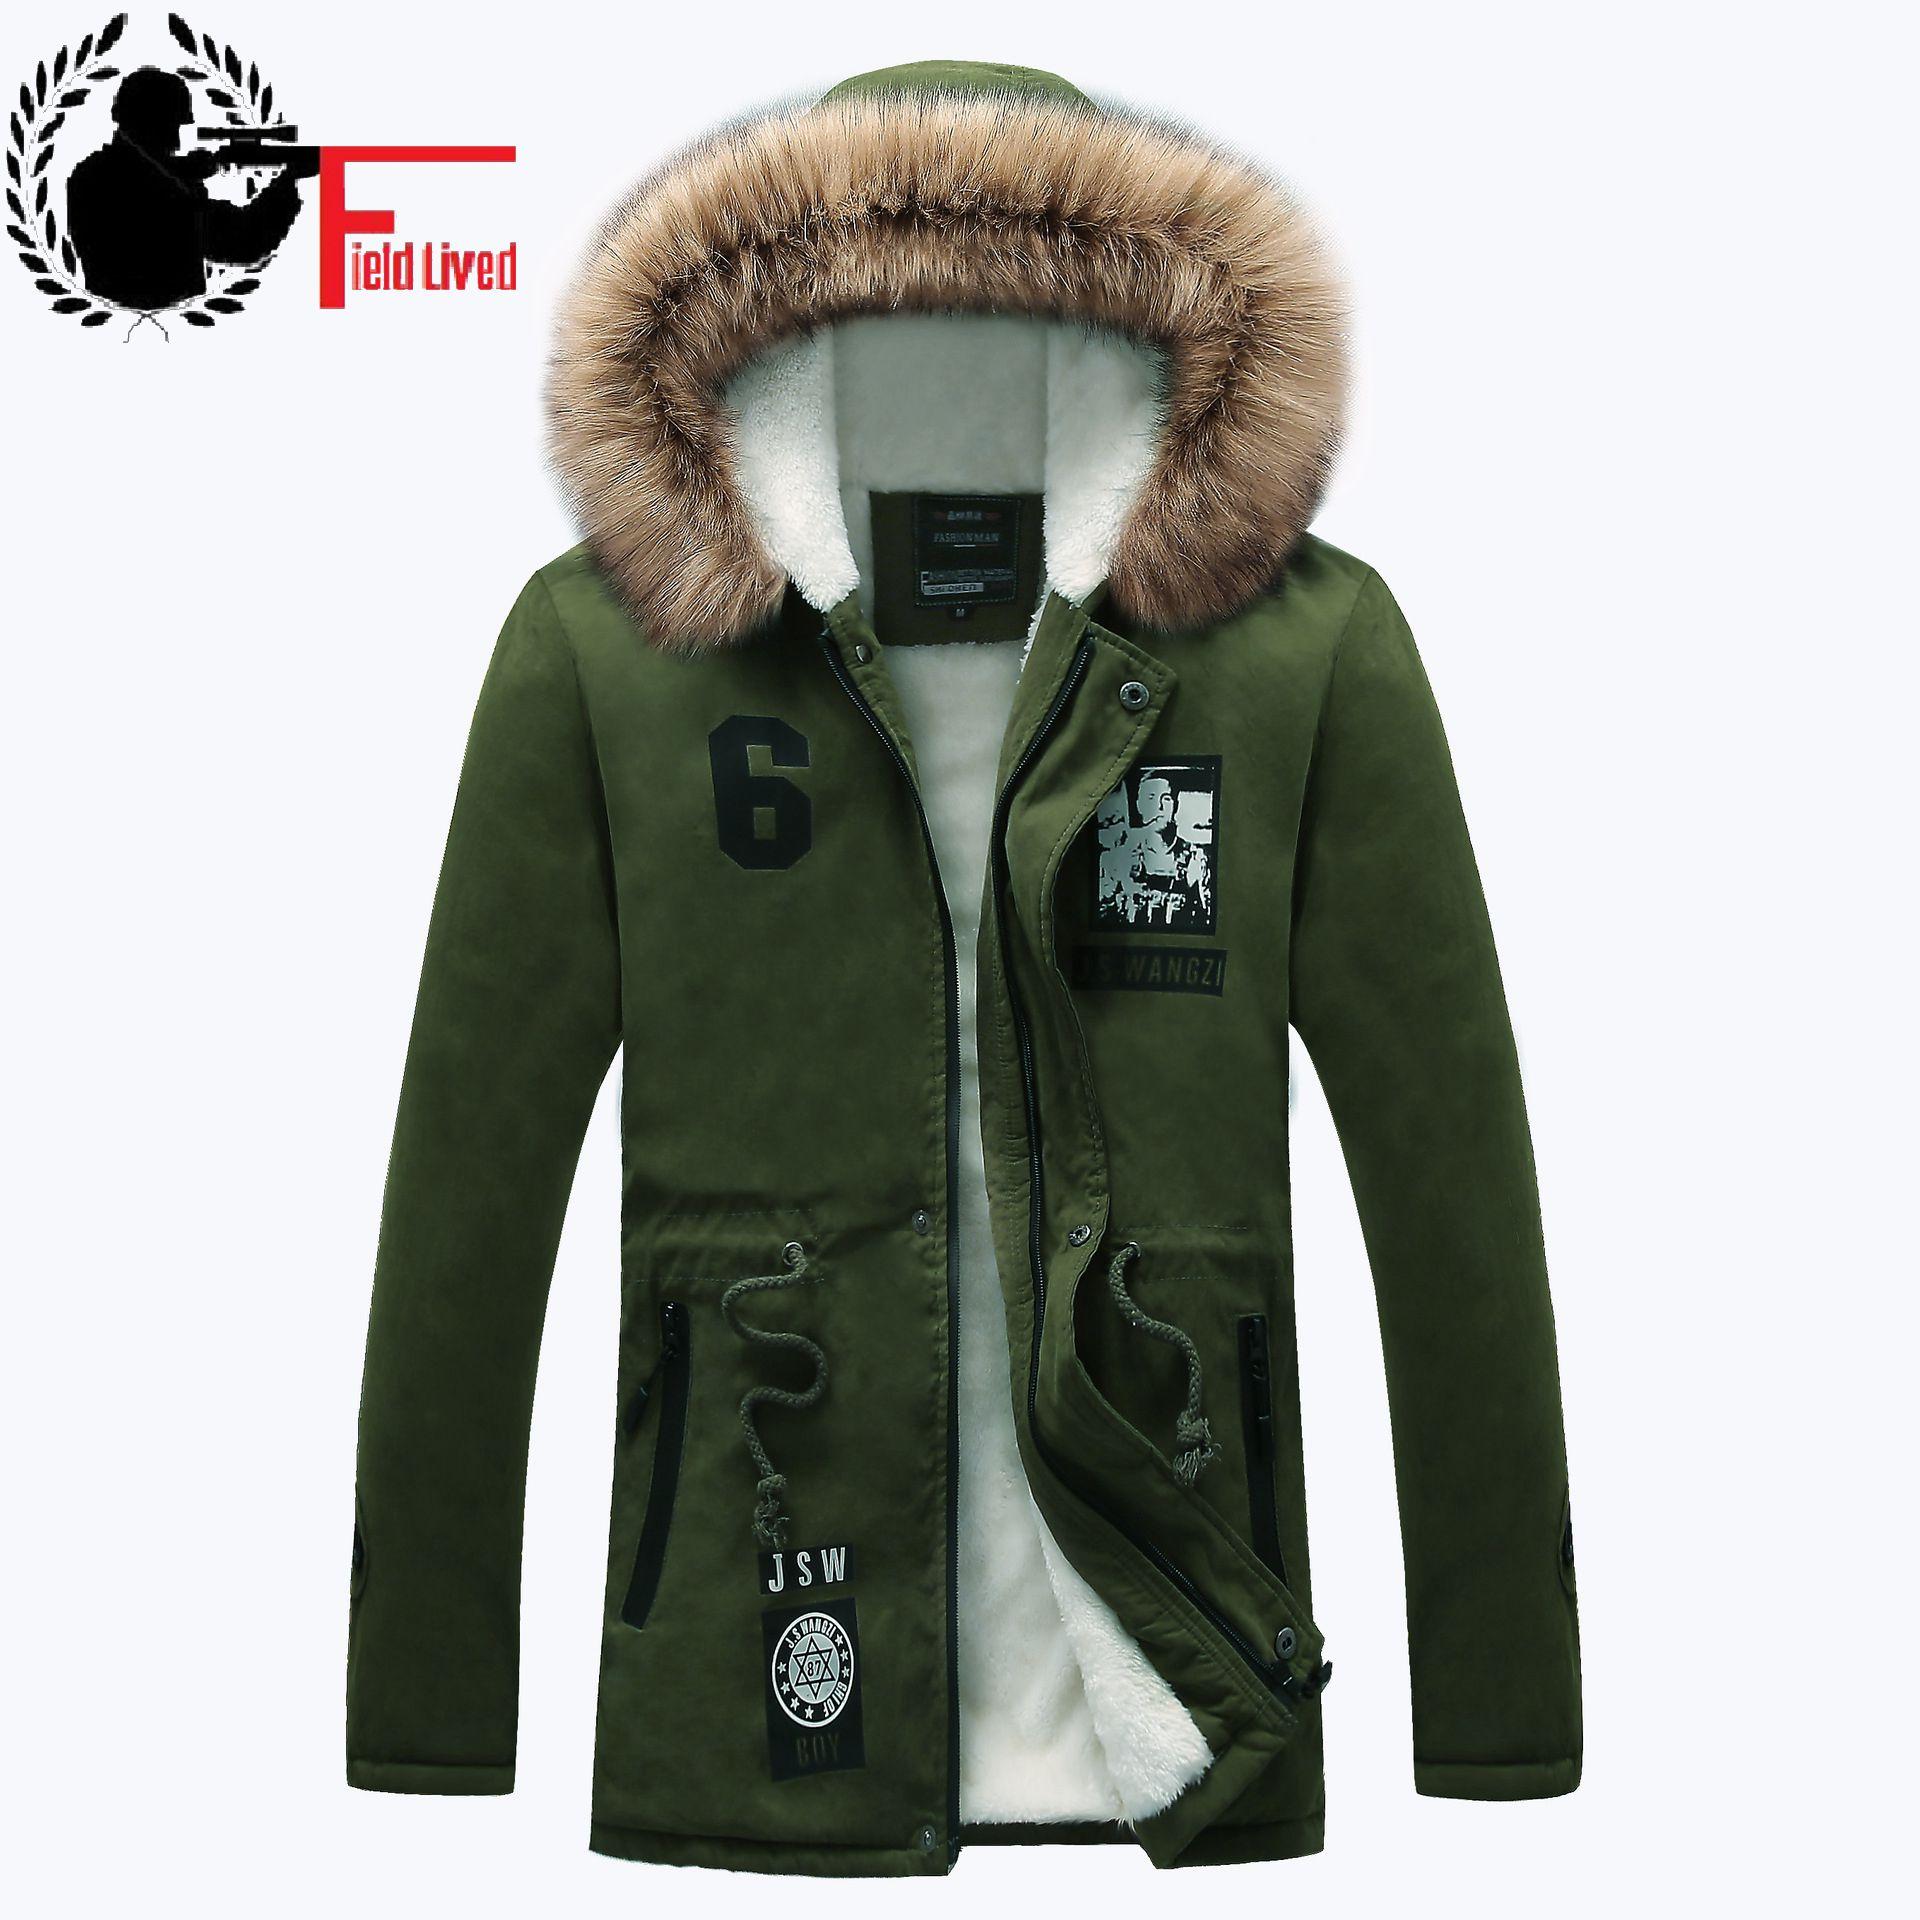 [해외]두꺼운면 편안한 롱 파 카 남성 캐주얼 슬림 맞는 후드 모피 겨울 자 켓 남성 코트 따뜻한 외투 2017 Chaqueta Hombre/Thick Cotton Comfortable Long Parka Male Casual Slim Fit Hooded Fur Win